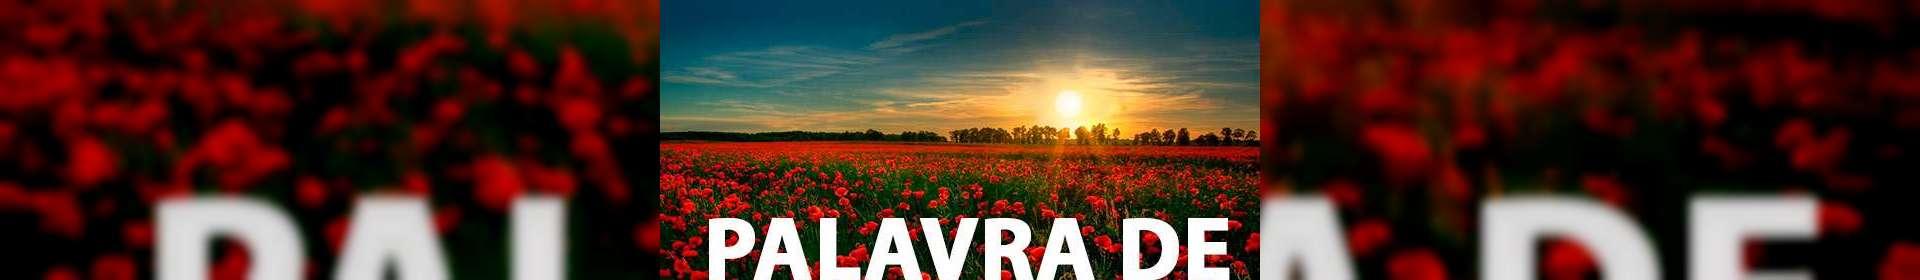 Salmos 27:8 - Uma Palavra de Esperança para sua vida